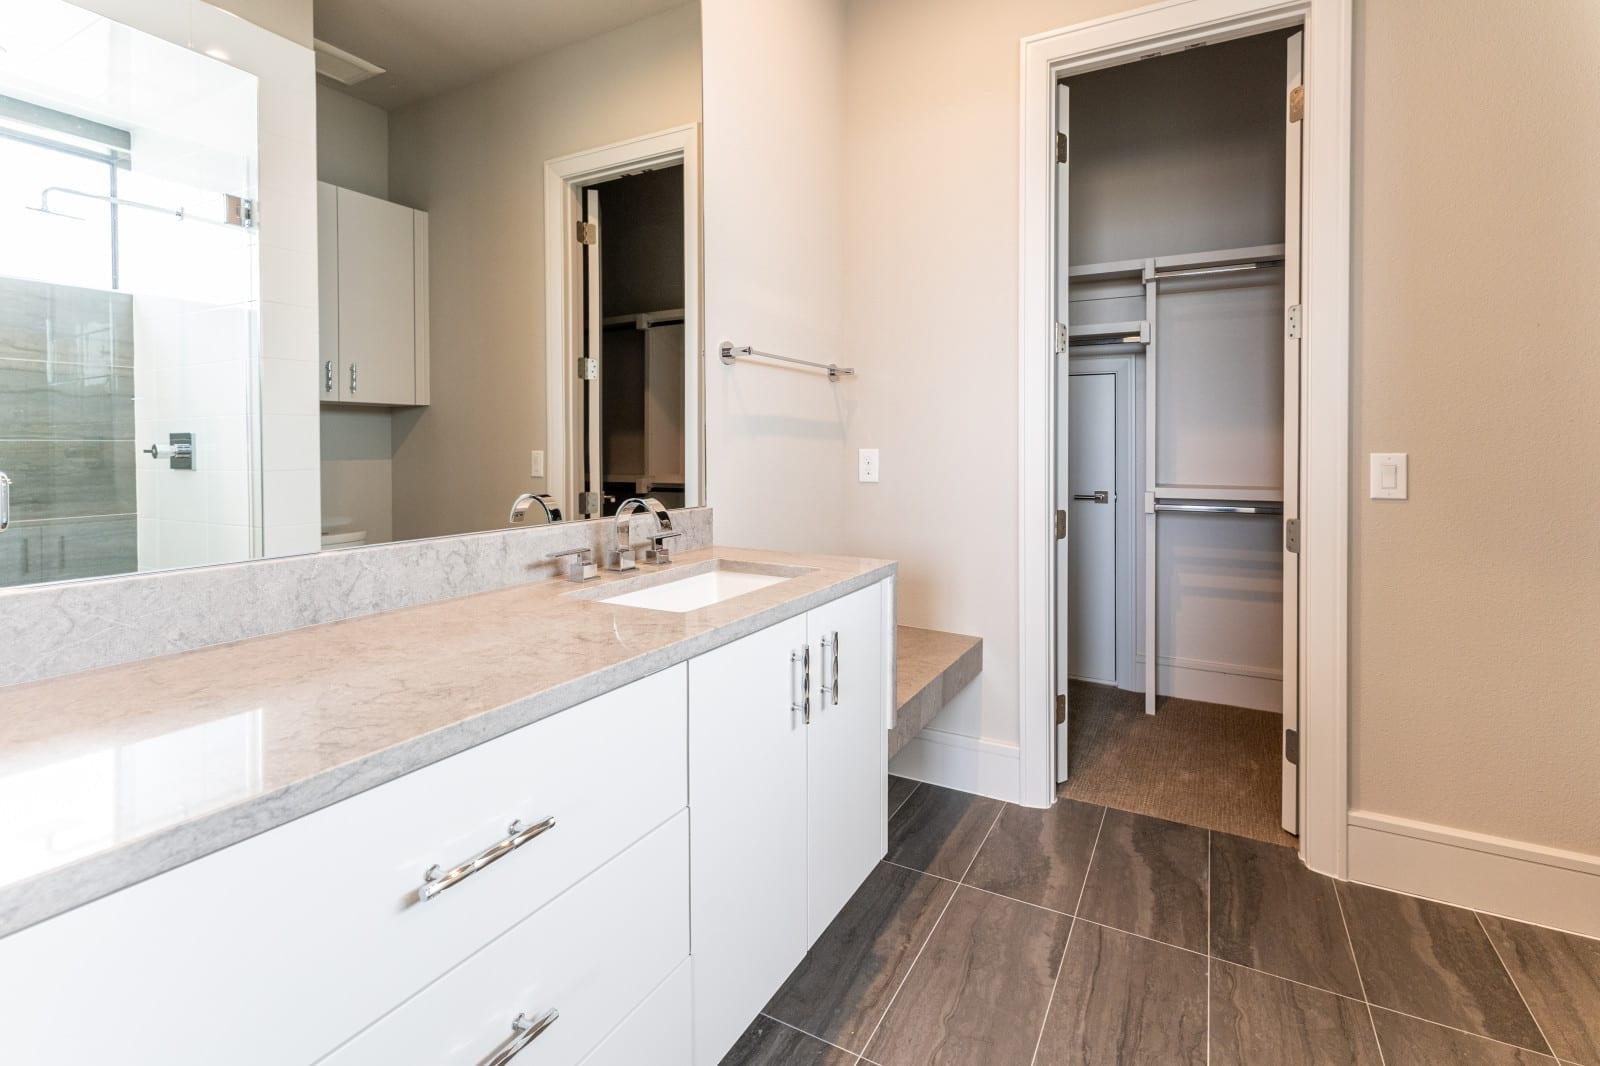 modern home design 35 - Millennial Design + Build